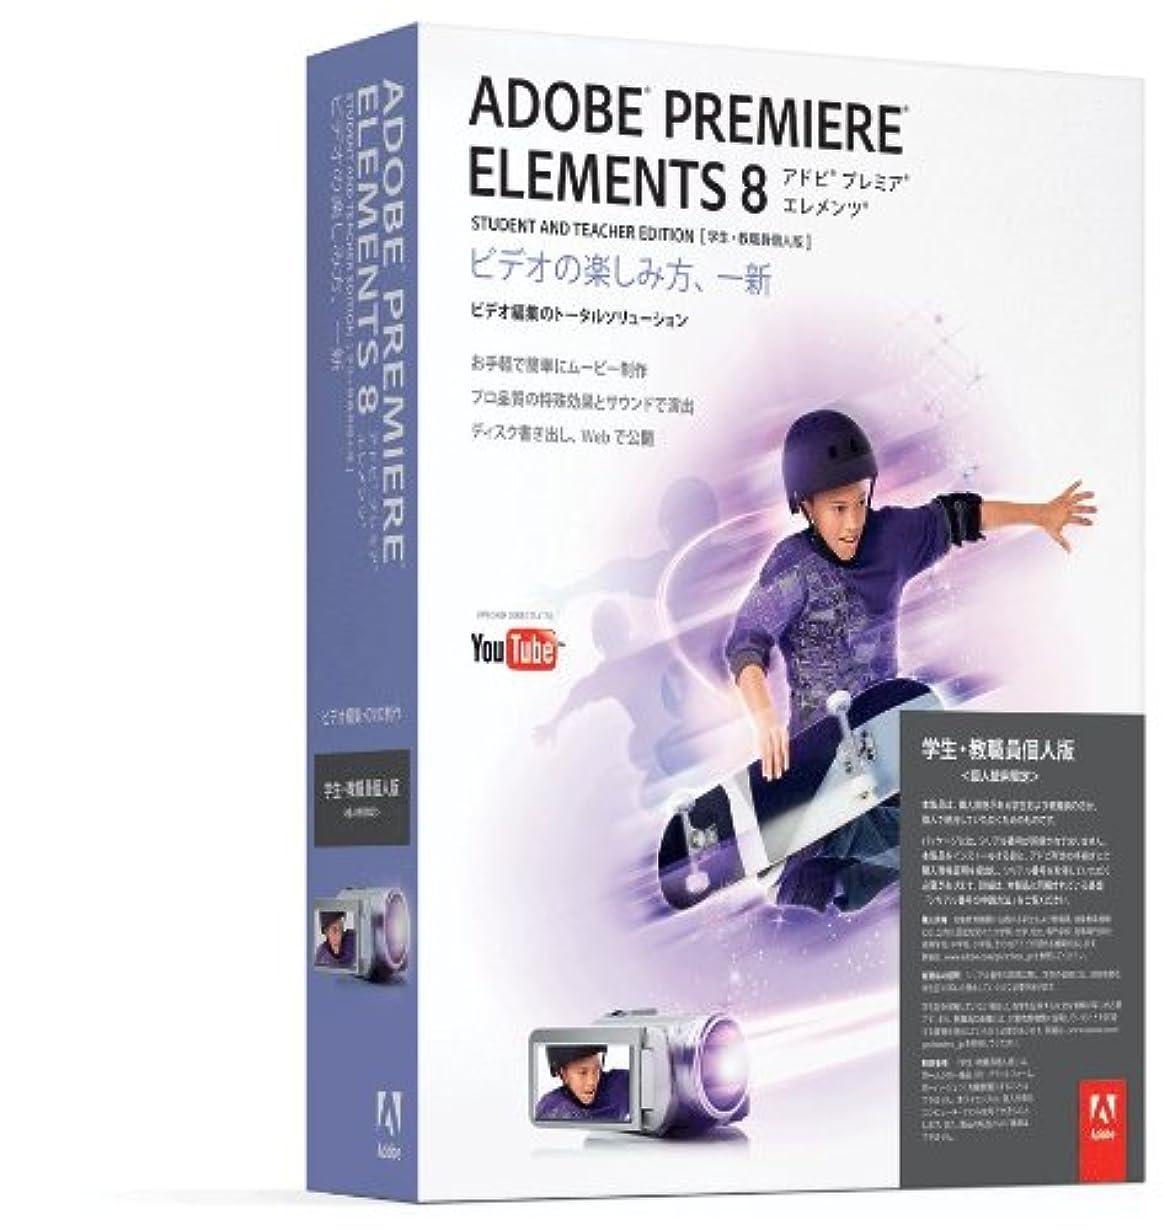 修羅場アニメーションメーター学生?教職員個人版 Adobe Premiere Elements 8 日本語版 Windows版 (要シリアル番号申請)